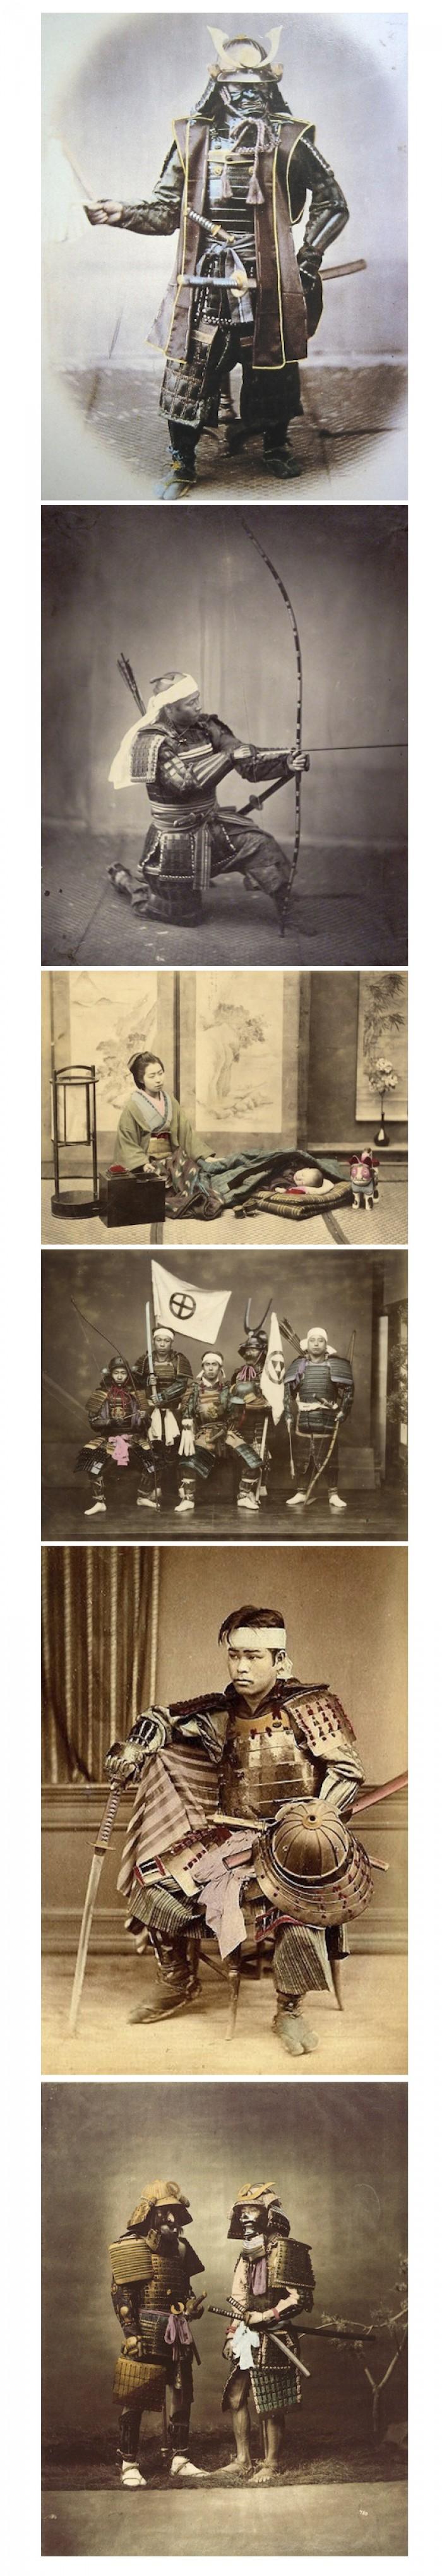 El último de los Samurai : Hermosas fotografías coloreadas a mano de los guerreros y cortesanas